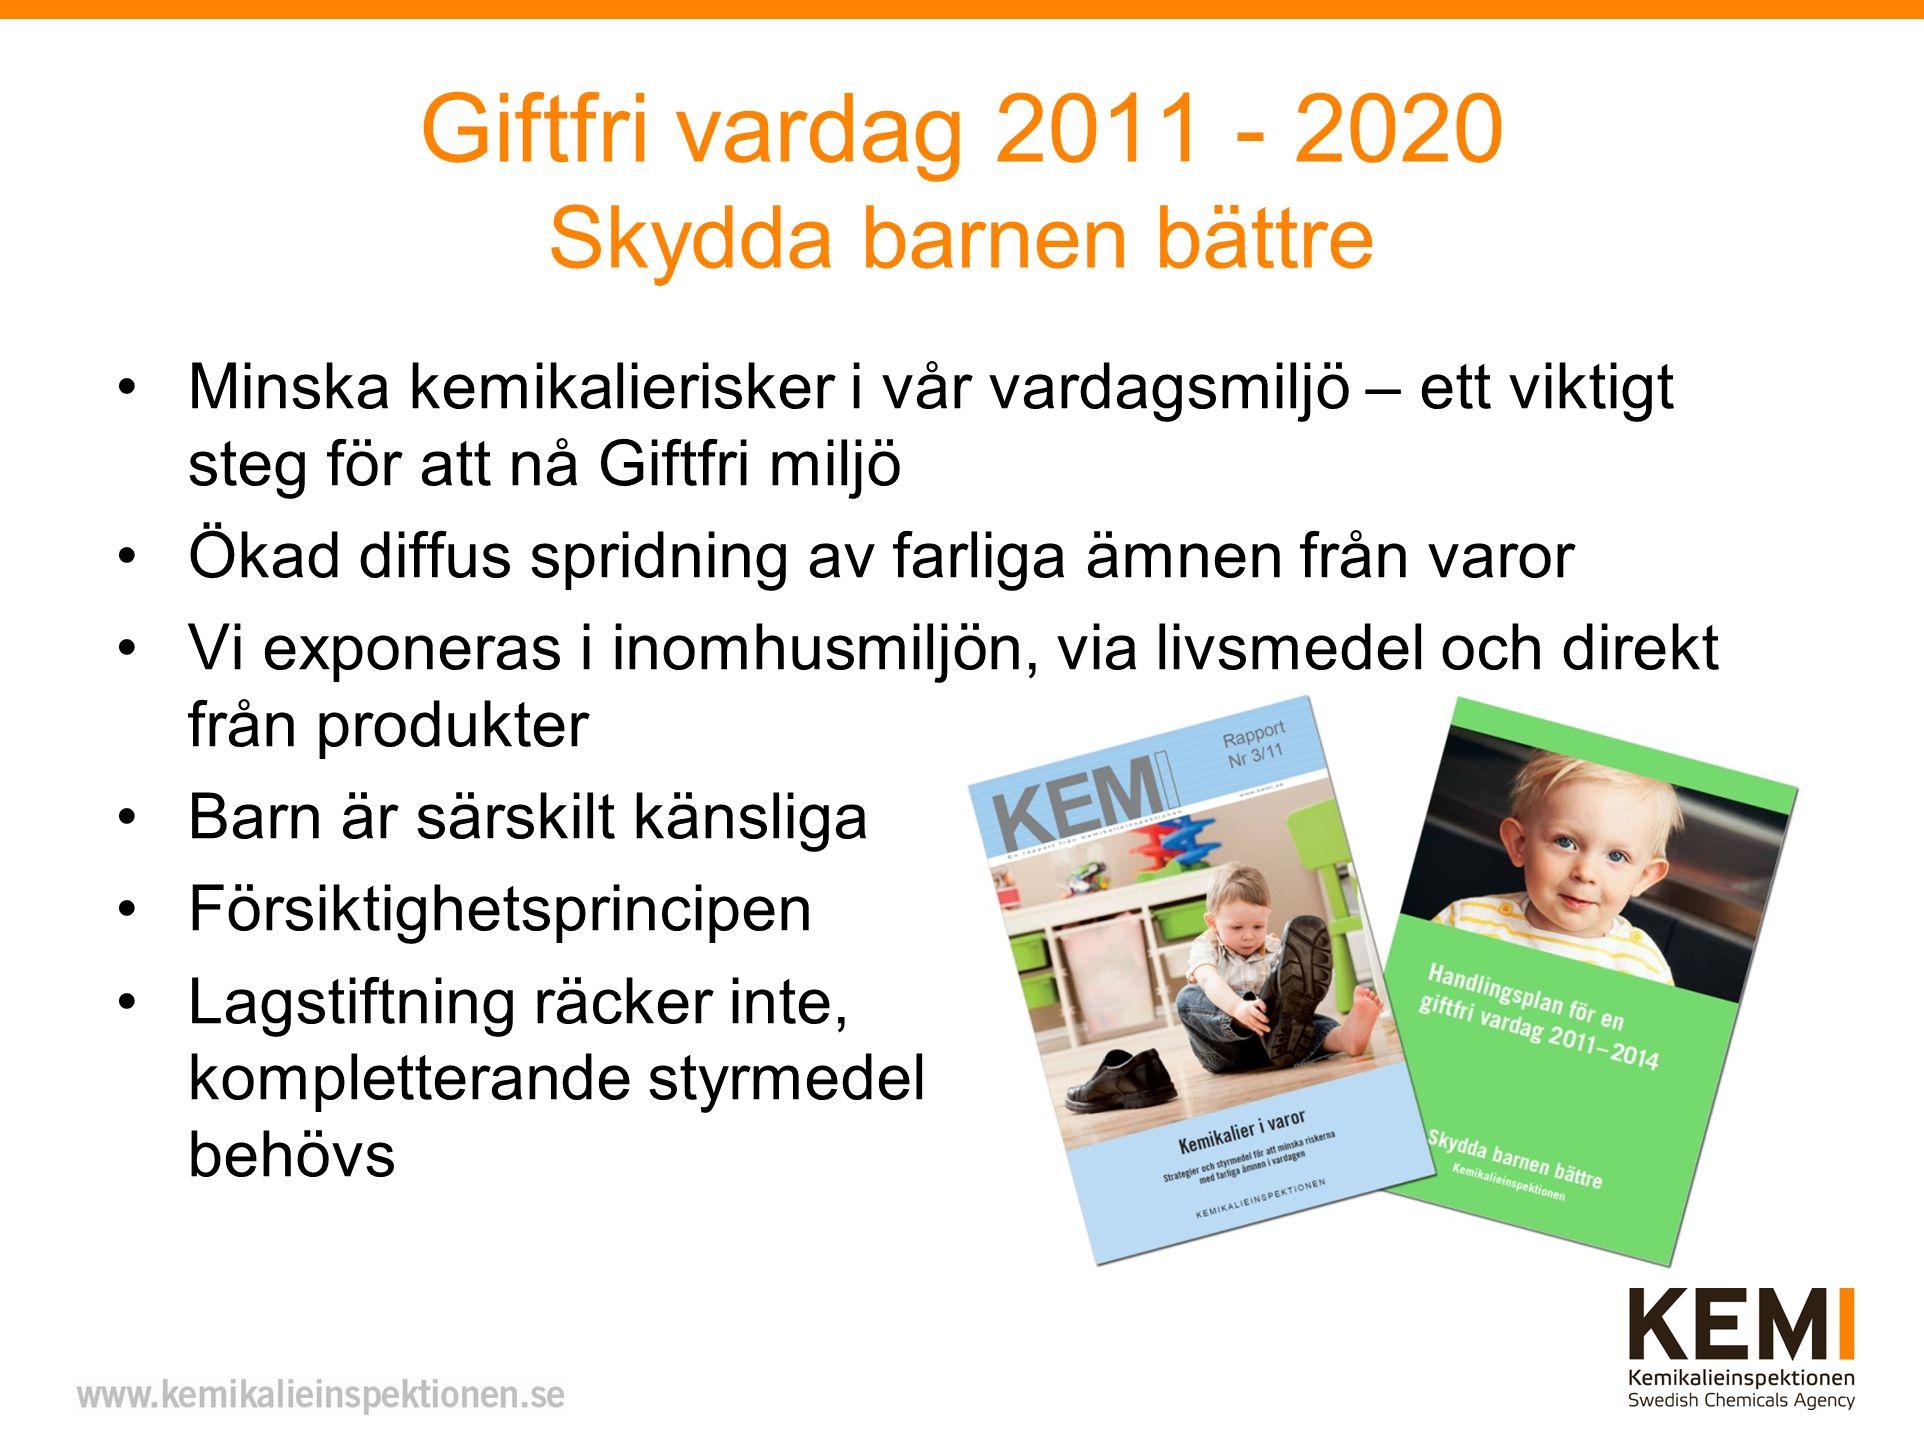 Giftfri vardag 2011 - 2020 Skydda barnen bättre